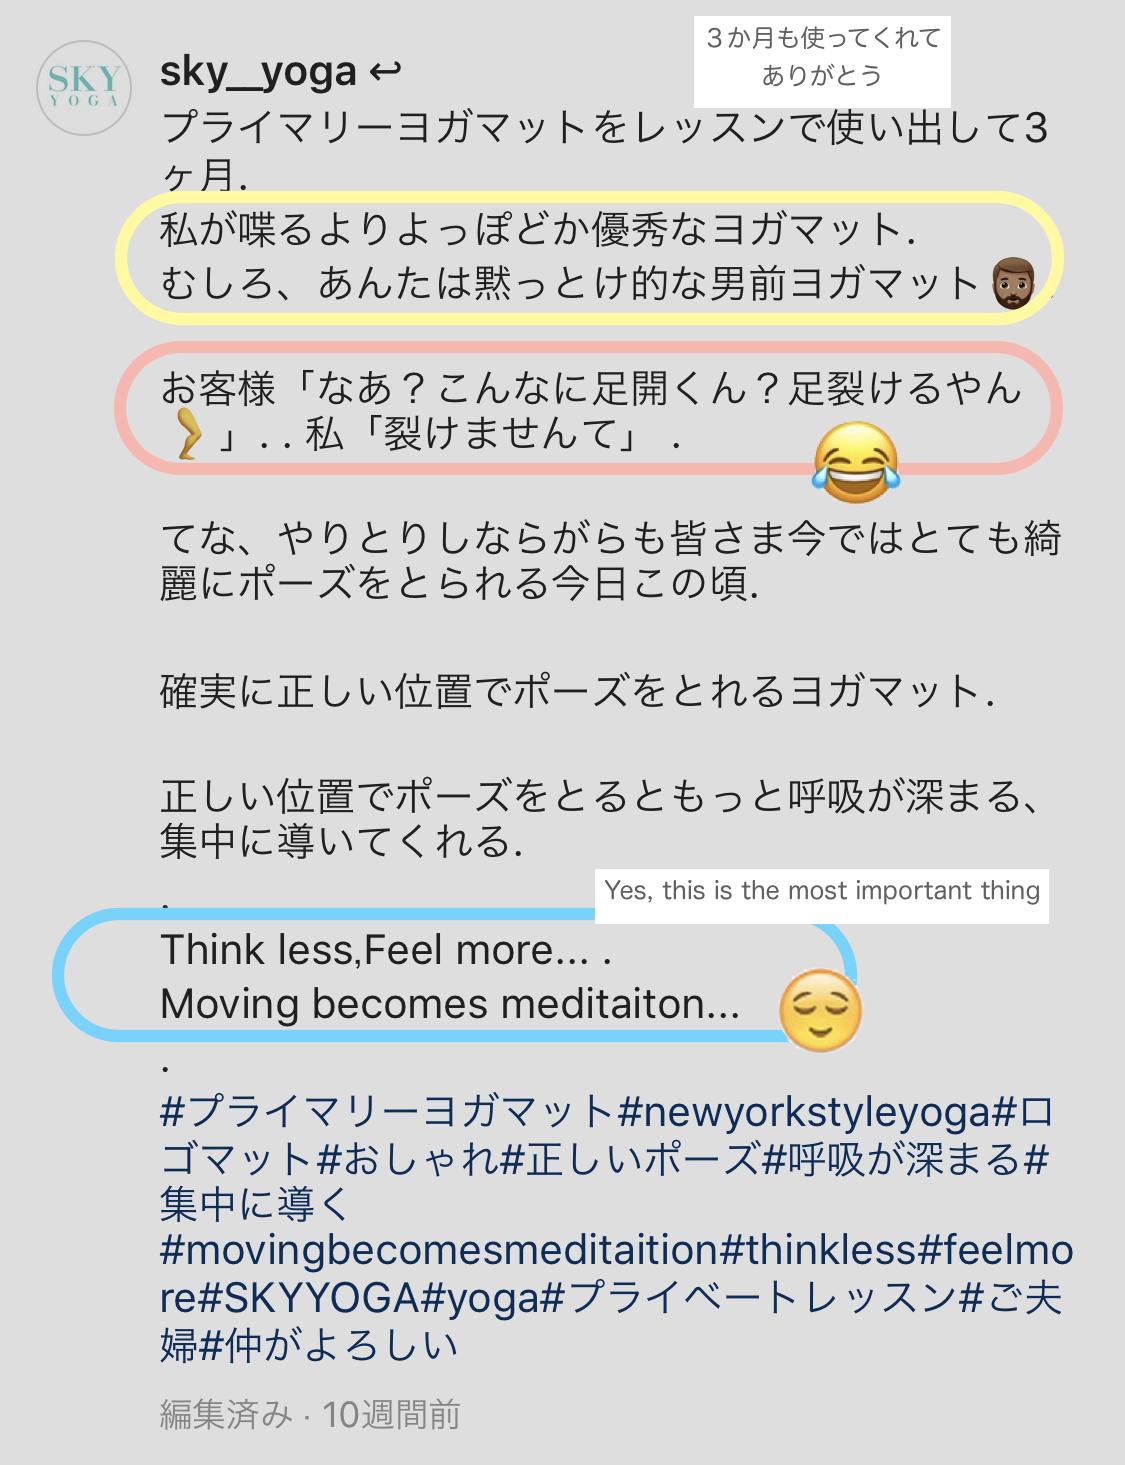 プライマリーヨガマット ☆ 使用感のリポートが届きました ② 福井県 SKY YOGA編